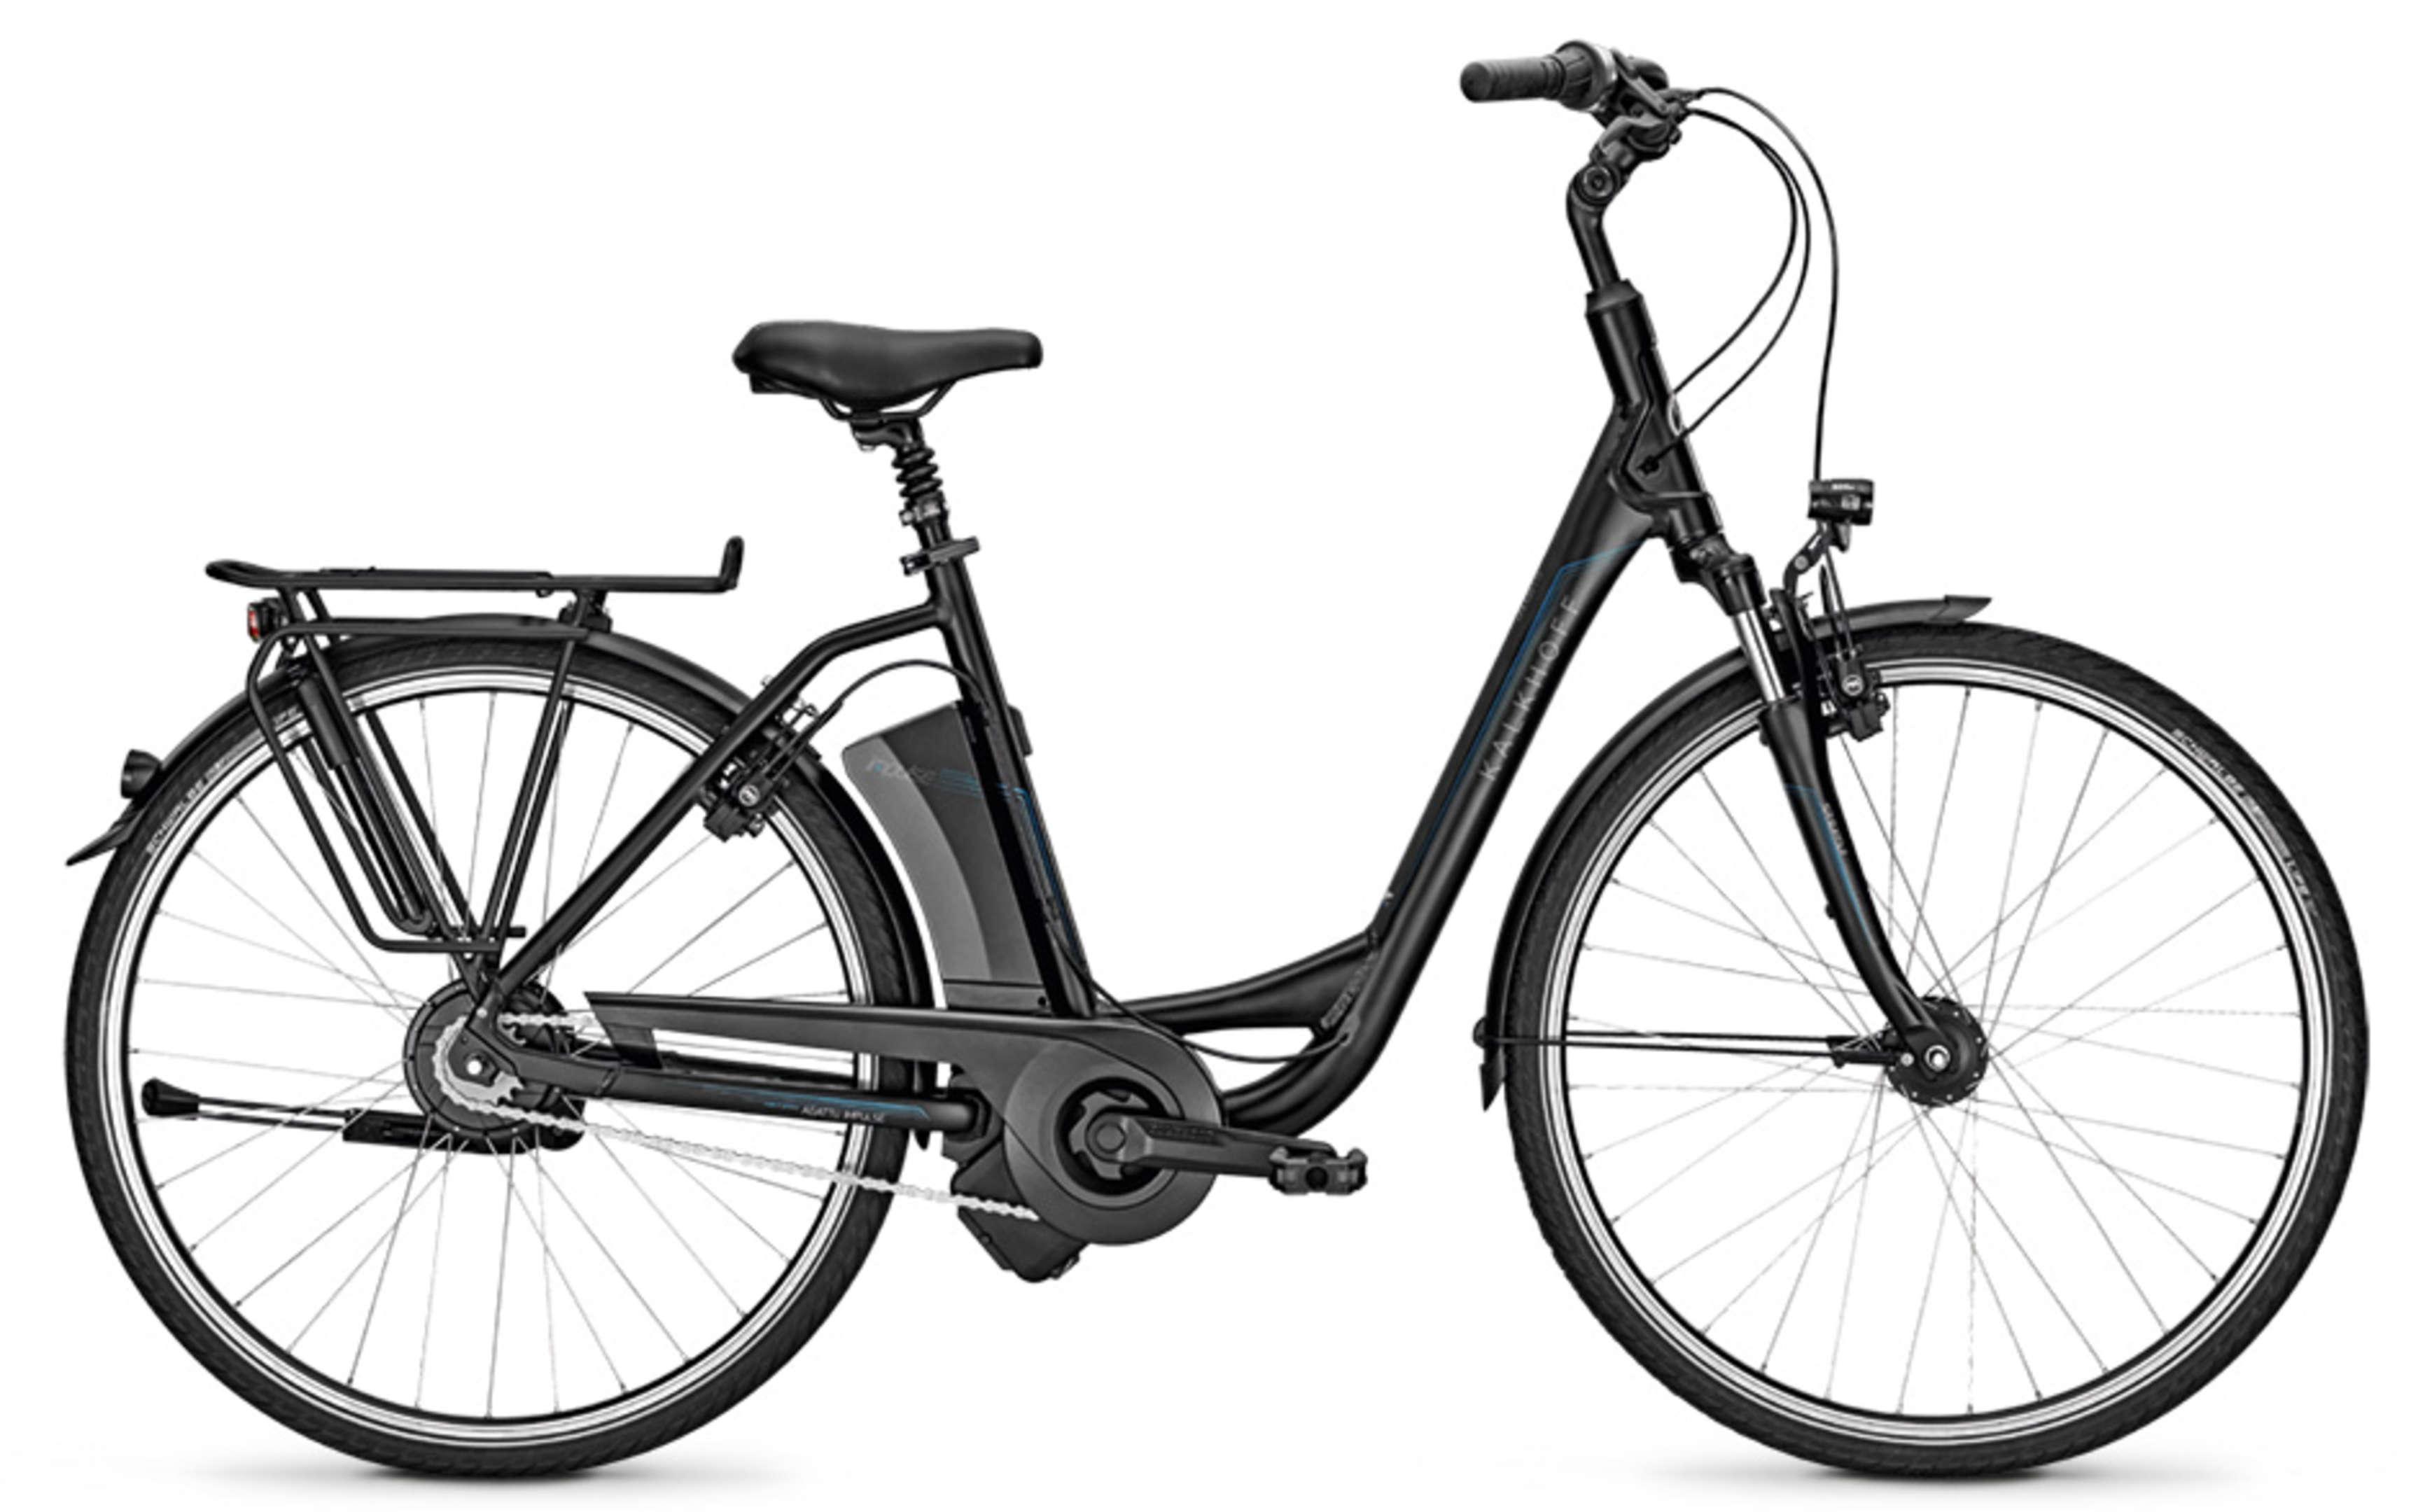 kalkhoff e bike agattu i330 11ah 36v eurorad. Black Bedroom Furniture Sets. Home Design Ideas